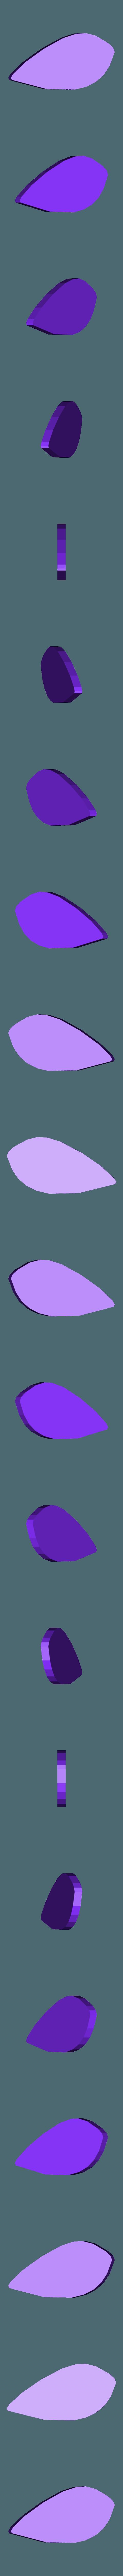 23.stl Télécharger fichier STL gratuit peinture murale crâne • Objet à imprimer en 3D, Gonzalor